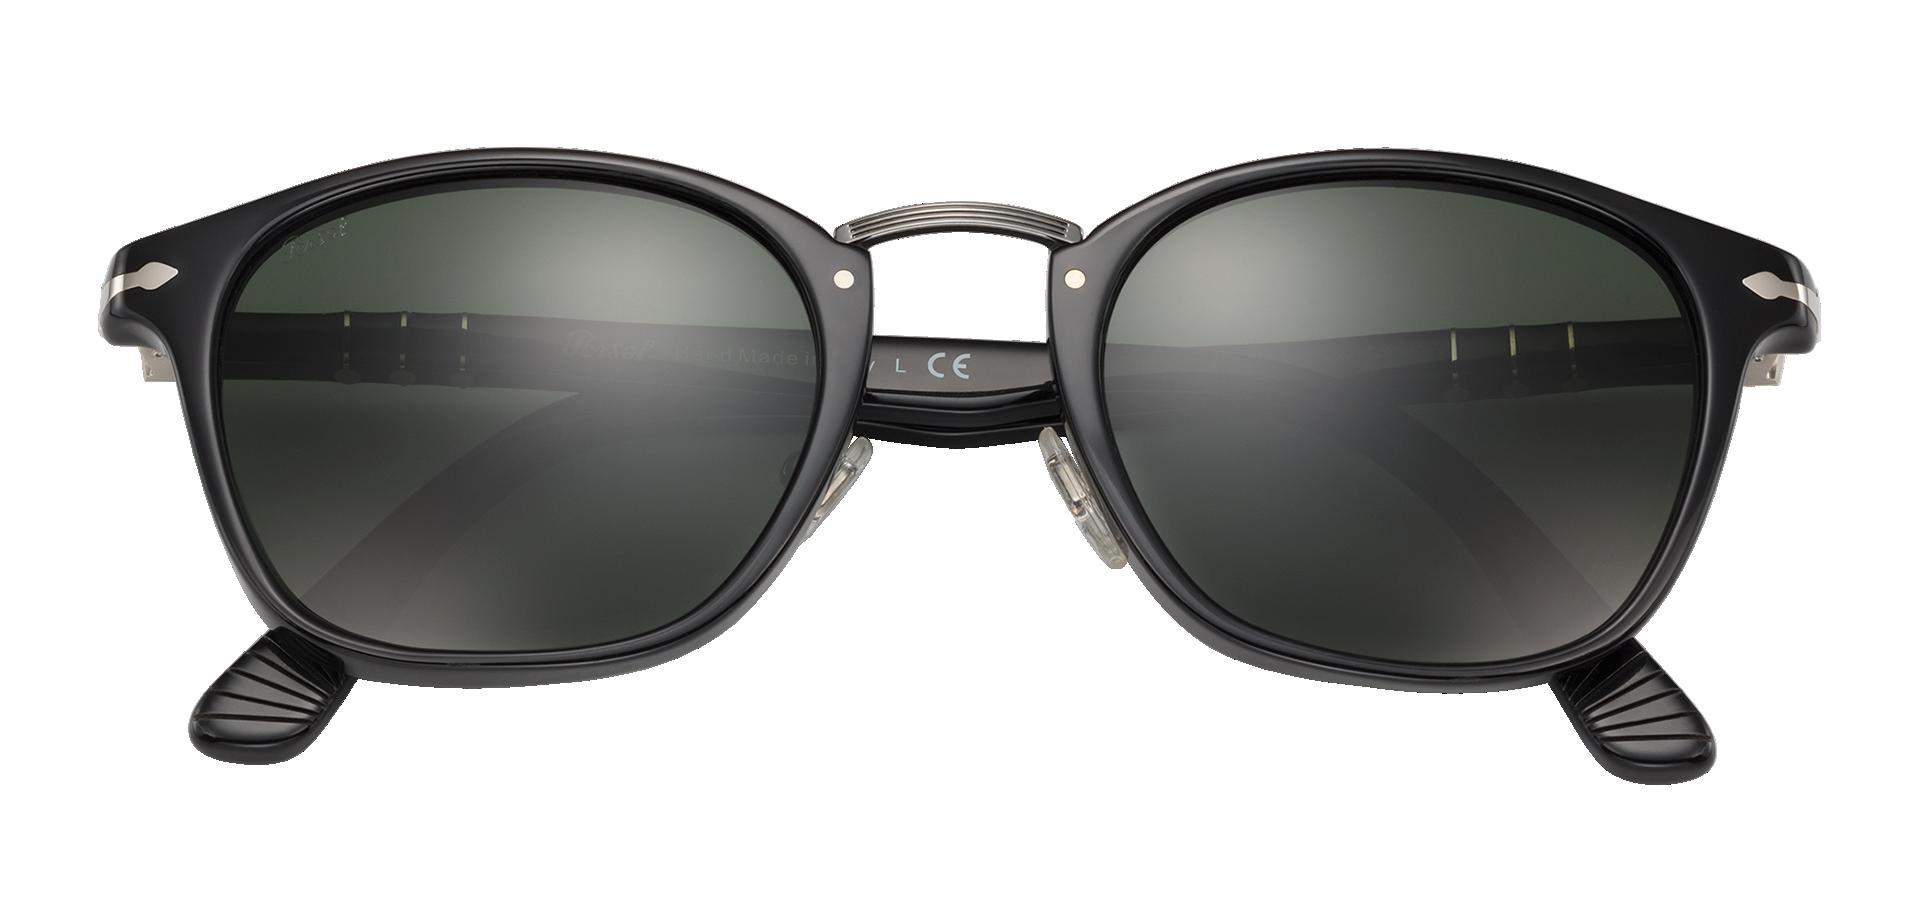 c18ac7206e8ba Persol sunglasses